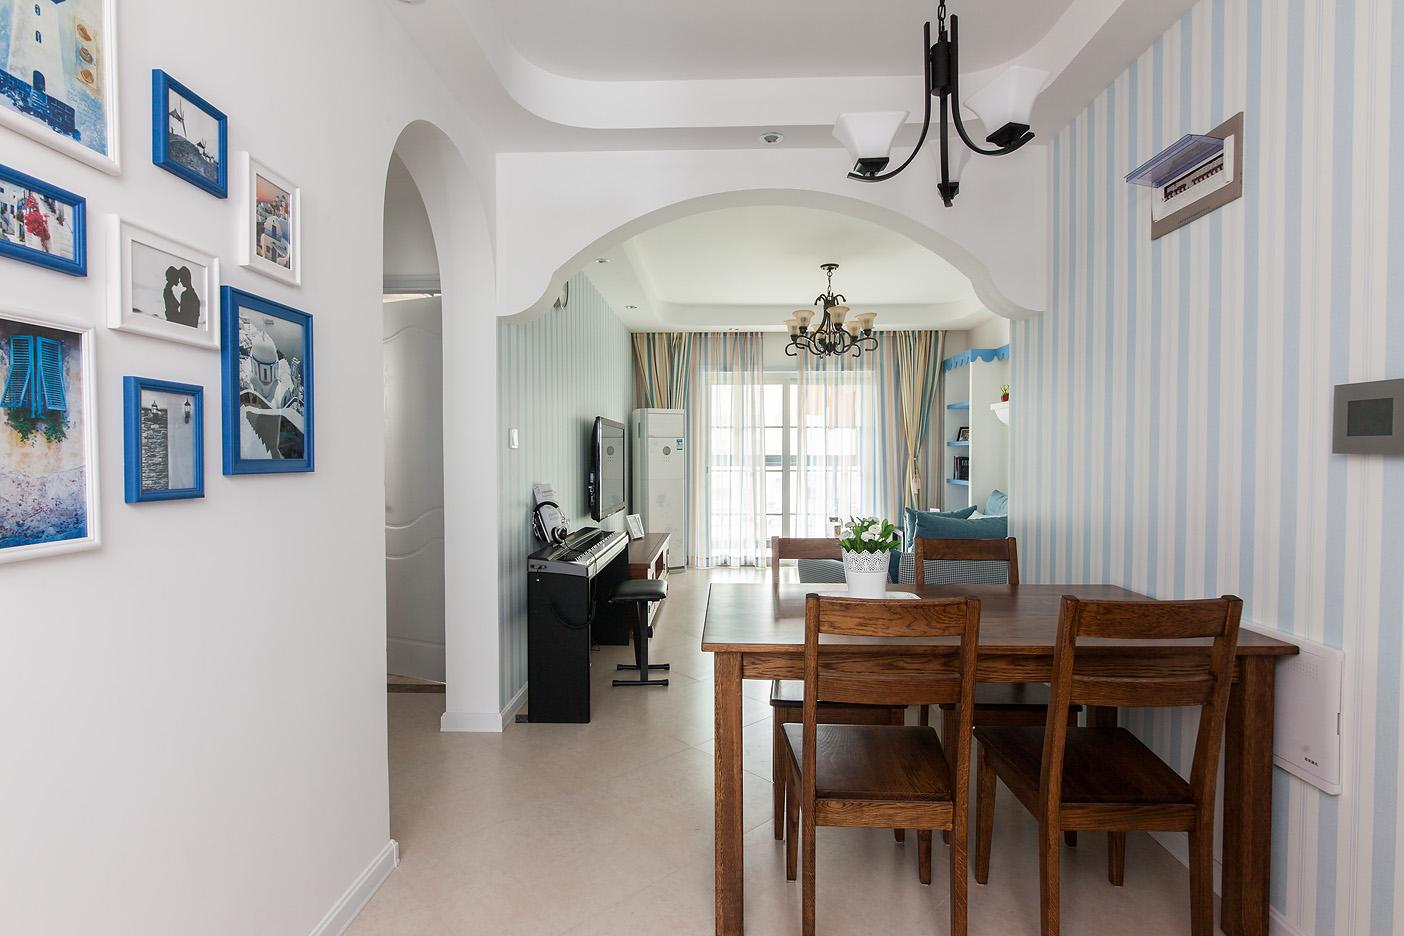 餐厅设计在家庭装修中变得越来越重要,能有一间温馨舒适的餐厅,会使用餐变得更加美好